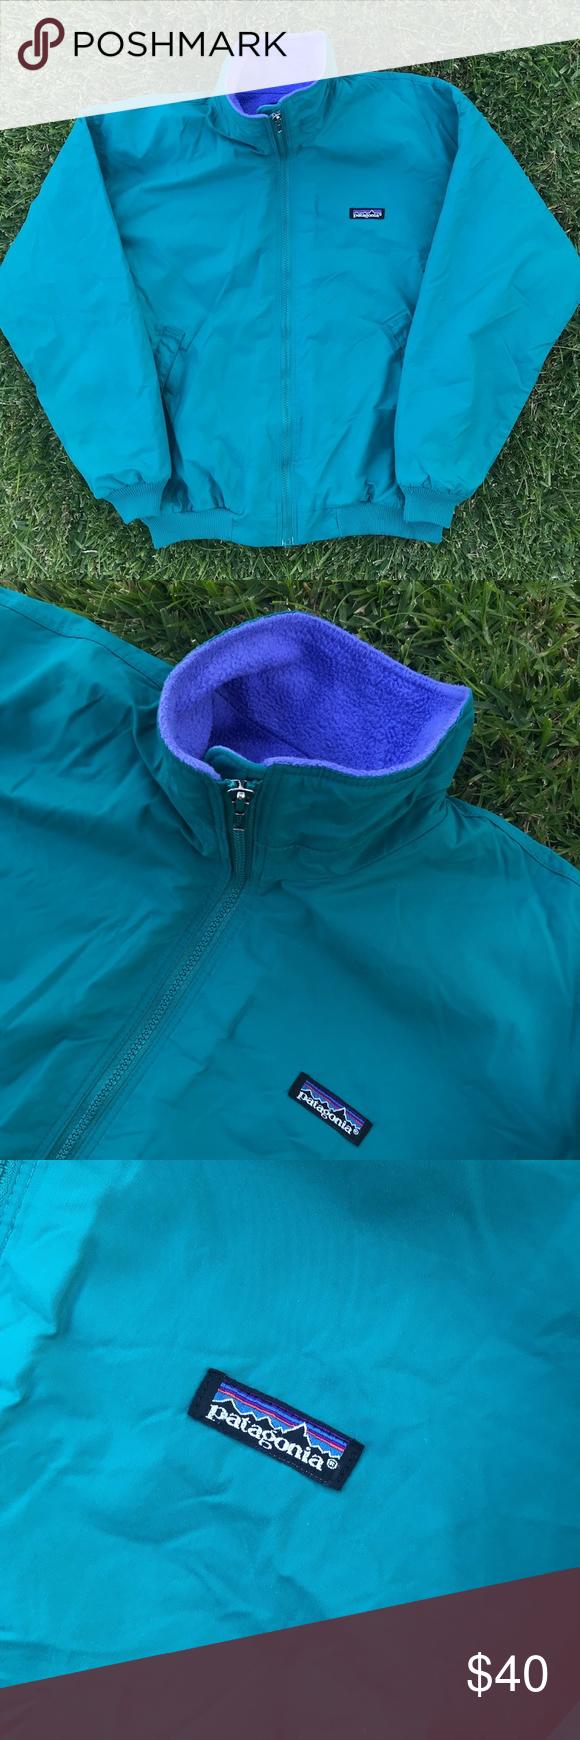 Vintage us patagonia nylon fleece jacket menus m details clean